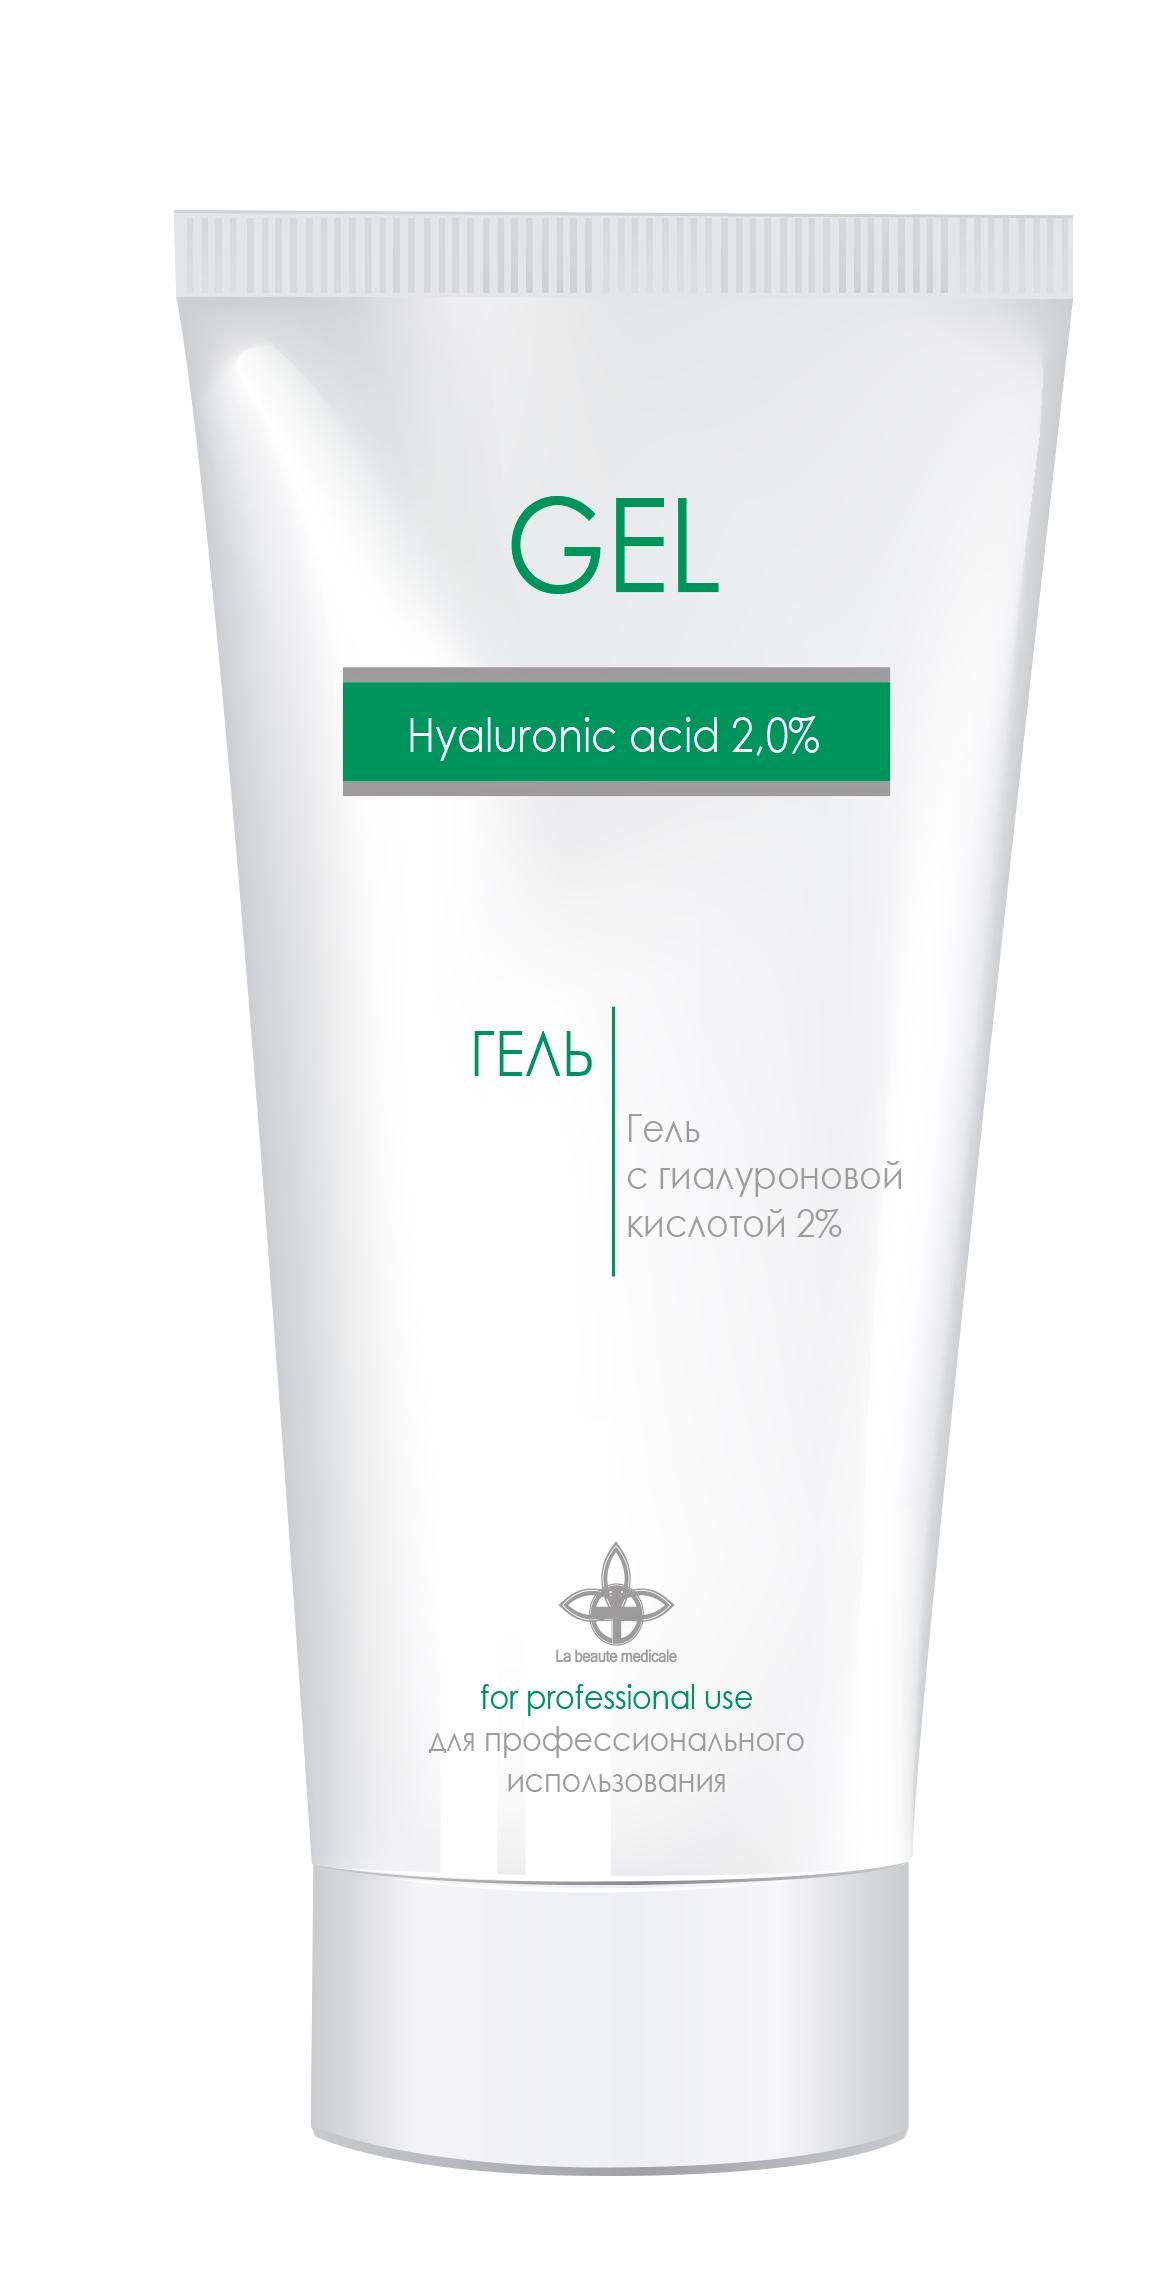 LA BEAUTE MEDICALE Гель с гиалуроновой кислотой 2% 30млГели<br>Гель с концентрированной гиалуроновой кислотой 2,0% - идеальное восстанавливающее, увлажняющее и защитное средство. Увлажняет и защищает кожу. Оказывает ранозаживляющее и противовоспалительное действие. Имеет противомикробное и антитоксическое действие. Оказывает иммуномодулирующее и антиоксидантное действие. Обладает большой водоудерживающей способностью. Усиливает в несколько раз проникающую способность профессиональных косметических средств для наружного применения. Биологически защищает кожу от воздействия вредных факторов окружающей среды, пропуская при этом кислород. Восстанавливающую функцию гиалуроновой кислоты возможно использовать для быстрой регенерации дермы после инъекционных процедур мезотерапии, контурной пластики, пилингов и лазерных воздействий. Сильный эффект заживления гиалуроновая кислота дает после нанесения ее, как завершающий этап механической чистки лица.&amp;nbsp; При регулярном использовании усиливает и пролонгирует эффект от инъекционной биоревитализации. После нанесения гиалуроновой кислоты на кожу, создается невидимая защитная пленка, предохраняющая дерму от негативных воздействий окружающей среды. Данное свойство возможно использовать для защиты рук специалиста, не пользующегося перчатками.&amp;nbsp; Восстанавливающее действие:&amp;nbsp; Ранозаживляющее - гель усиливает миграцию фибробластов и пролиферацию эпителиальных клеток.&amp;nbsp; Противовоспалительное - улучшает микроциркуляцию.&amp;nbsp; Противомикробное - aктивирует бактерицидные факторы на поверхности кожи и на раневых поверхностях.&amp;nbsp; Антитоксическое - снижает показатели эндогенной интоксикации (при ожоговых состояниях после лазерной и фотодинамической терапии и т.п.).&amp;nbsp; Иммуномодулирующее - усиливает фагоцитоз, изменяет функциональную активность лимфоцитов.&amp;nbsp; Антиоксидантное - акцептирует активные формы кислорода, блокируя свободнорадикальное окисление липидов.&amp;nbsp; Гемостатическое - 